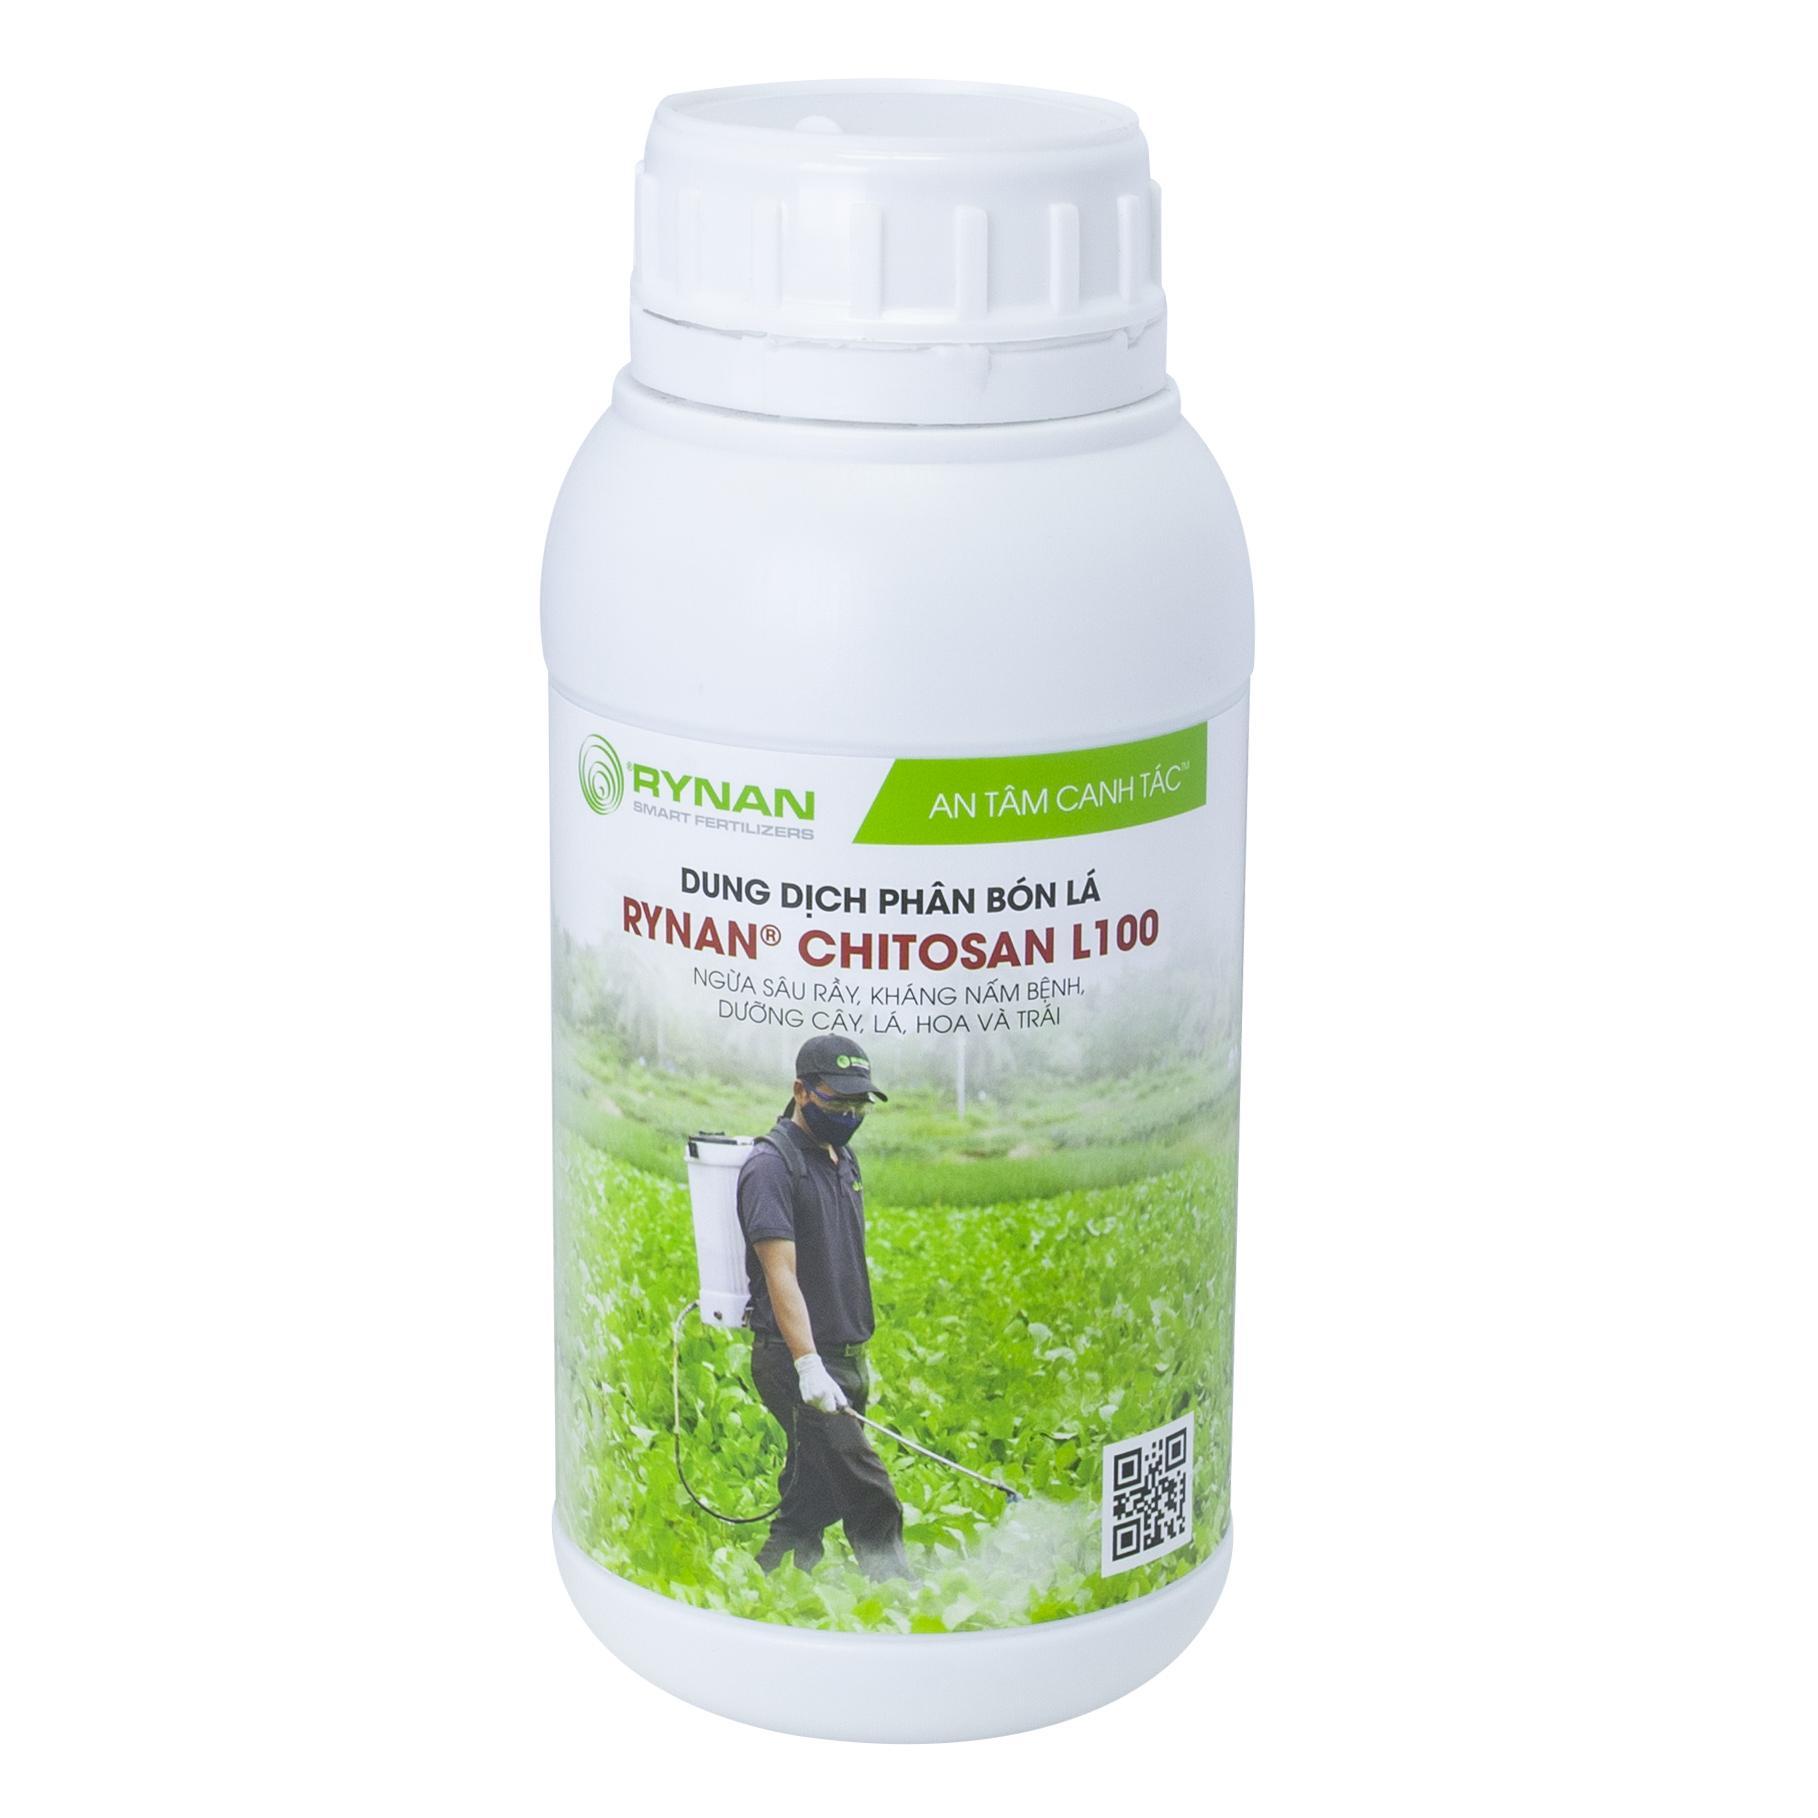 Phân bón lá chứa chitosan Rynan Chitosan L100 (500ml/chai) - Ngừa sâu rầy, kháng nấm bệnh, dưỡng cây, lá, hoa và quả